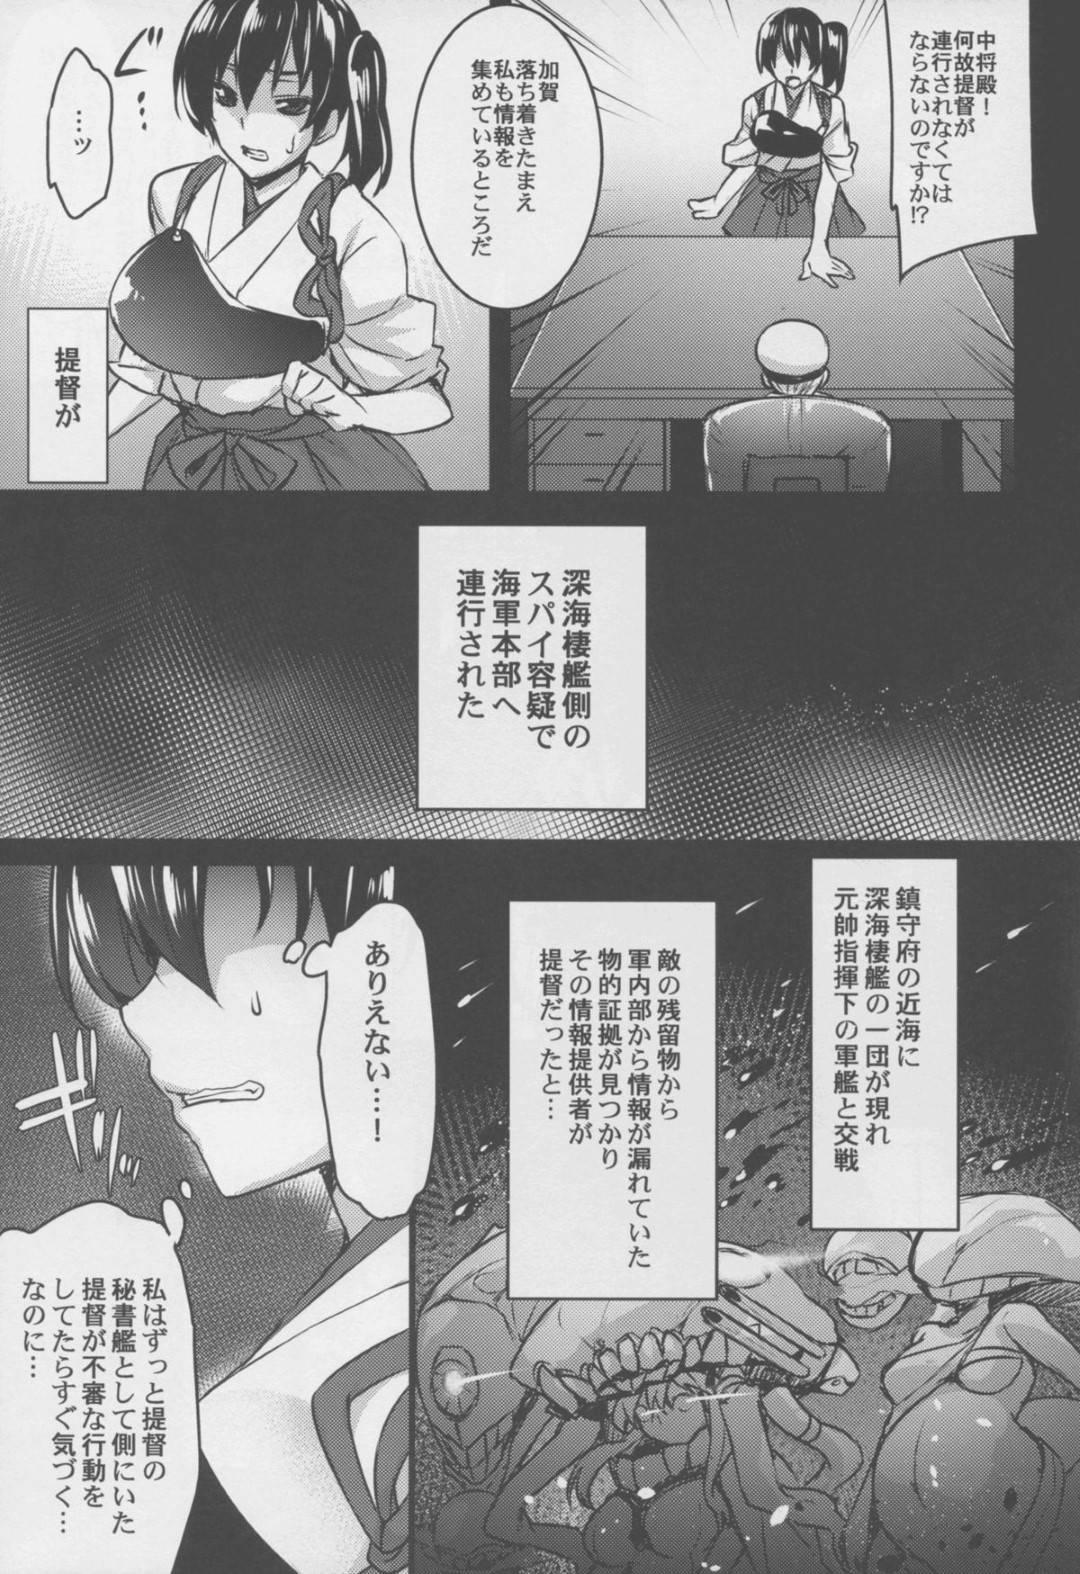 【艦これエロ漫画】スパイ容疑で連行された提督を救う為に、妻である加賀は軍の男達に寝取られレイプで犯される日々が始まる【阿部いのり】